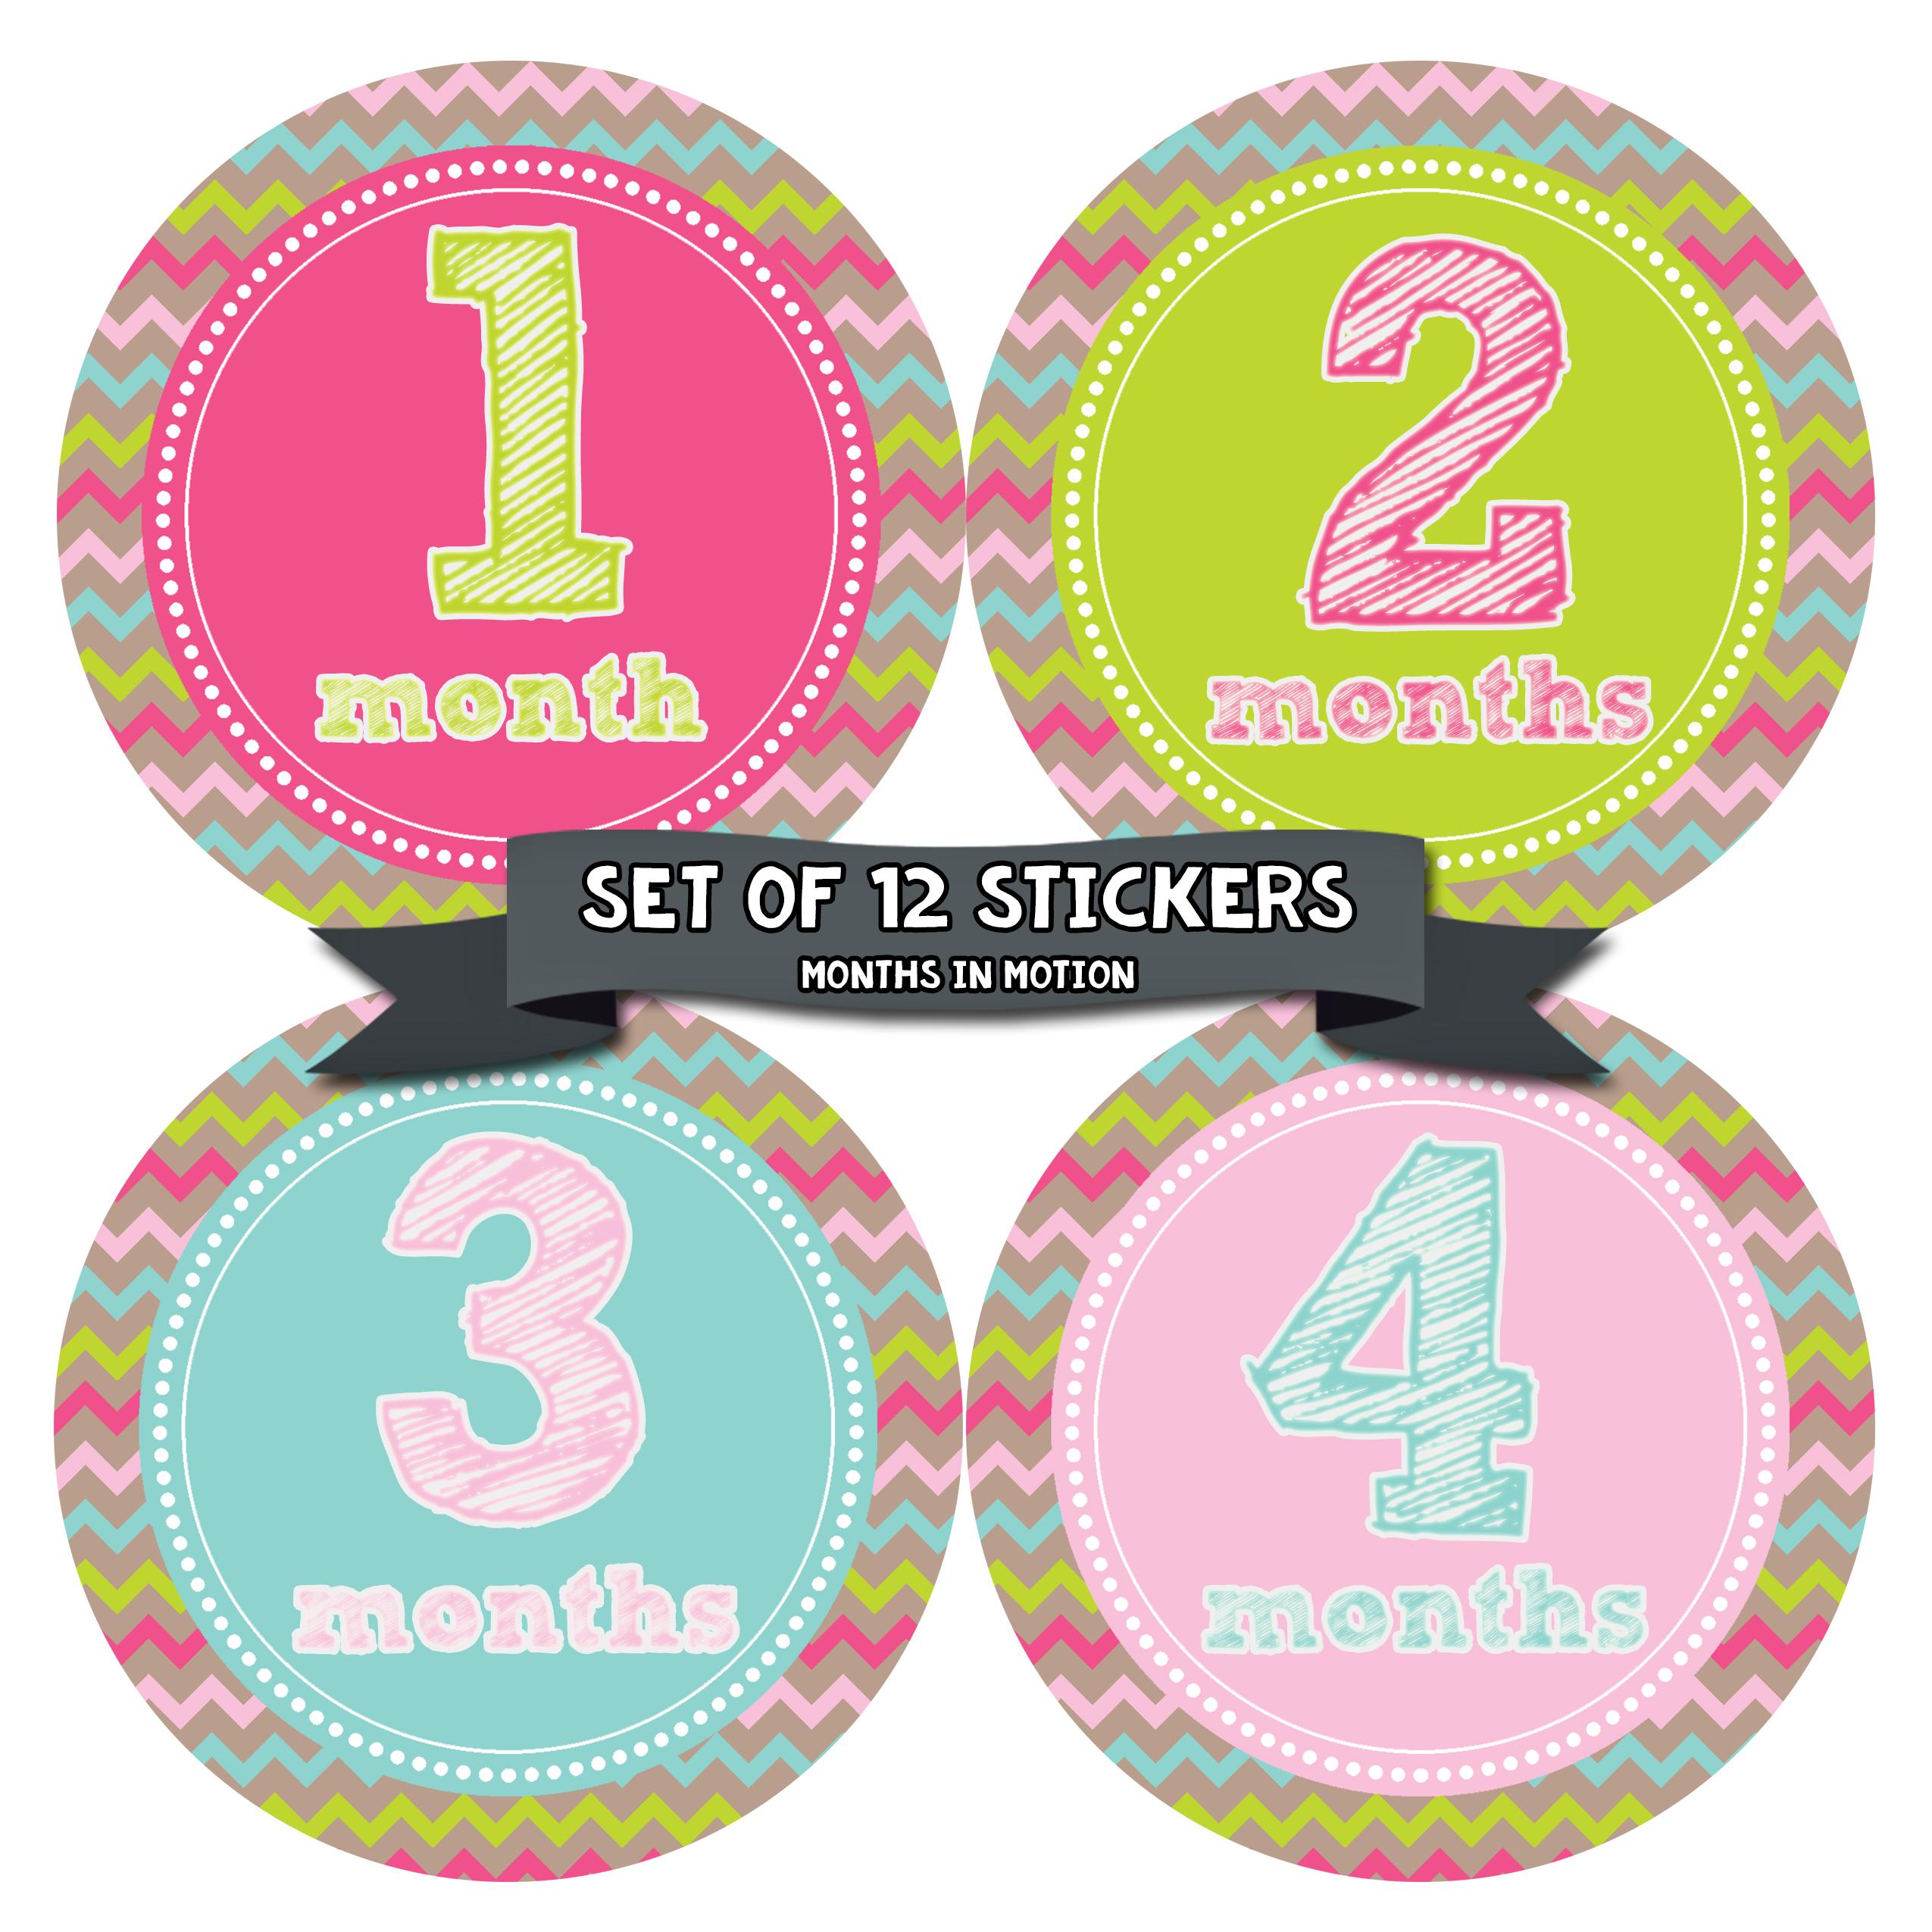 Months in Motion 227 Monthly Baby Stickers Milestone Age Sticker Photo Prop Newborn Girl Chevron- ...